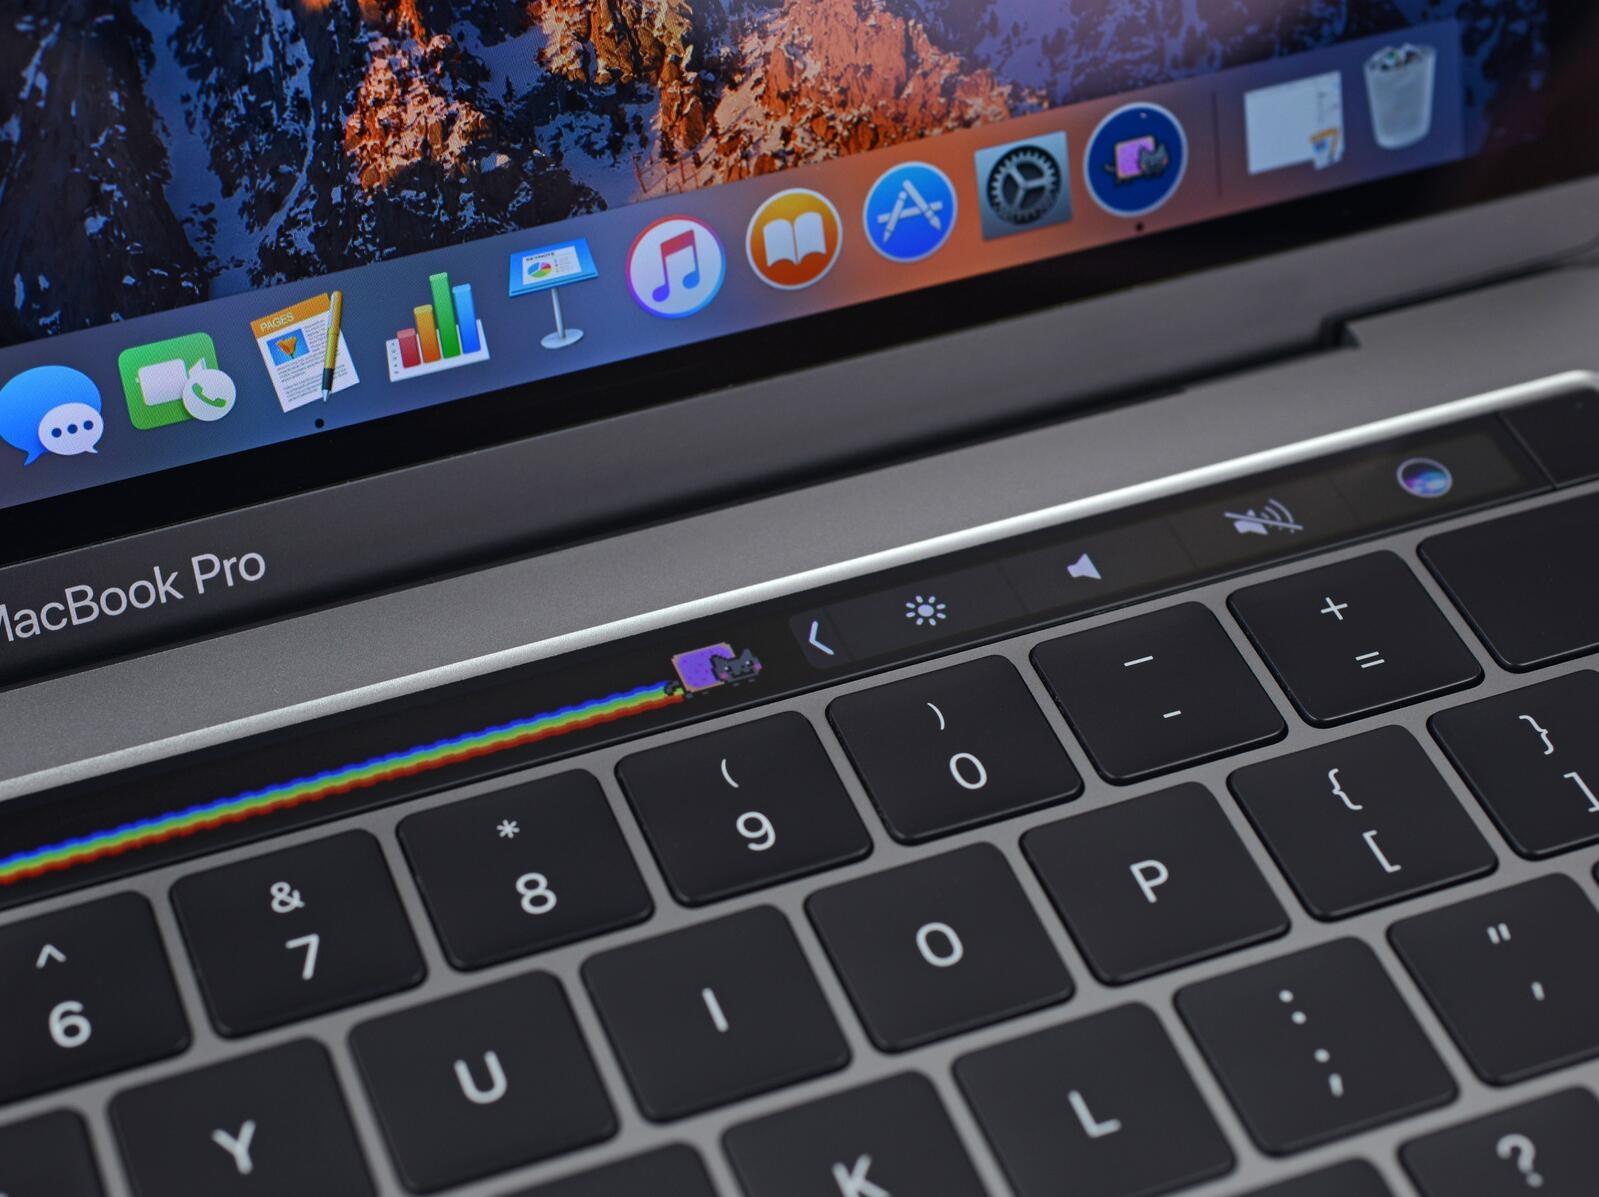 Macbook Pro A1706 A1708触摸板更换教程 区分年份吗?换触摸板后风扇狂转 不能进入系统 键盘失灵怎么办?重置SMC有什么作用?